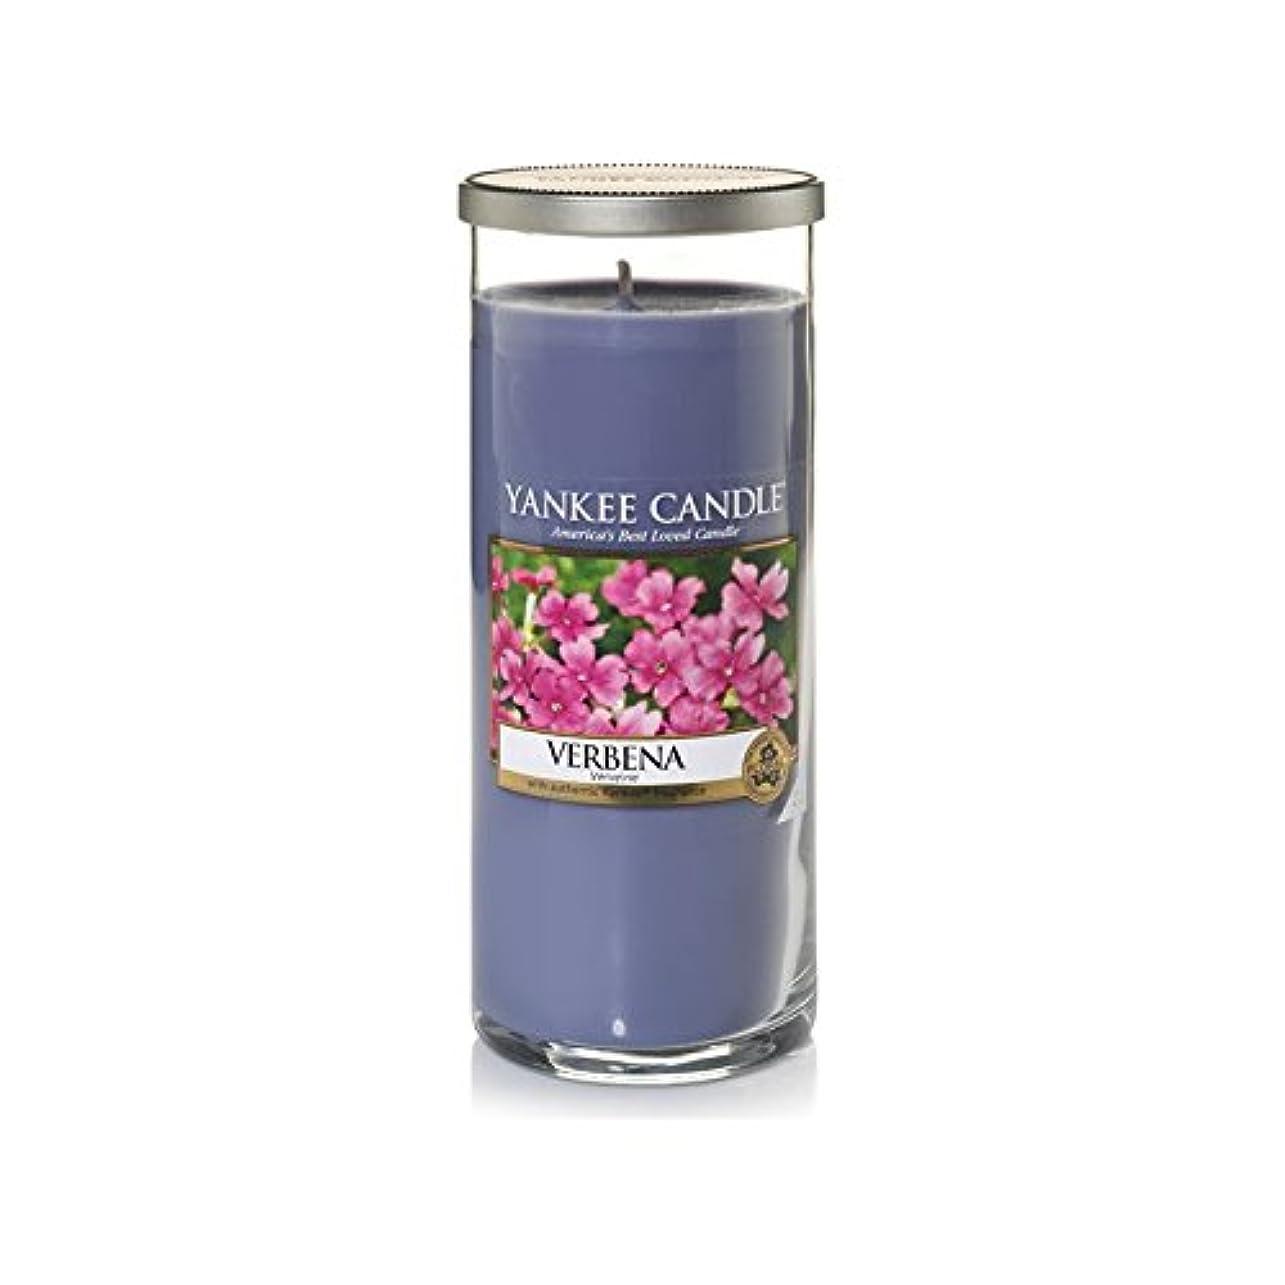 パキスタン人広告する移動するYankee Candles Large Pillar Candle - Verbena (Pack of 2) - ヤンキーキャンドル大きな柱キャンドル - バーベナ (x2) [並行輸入品]